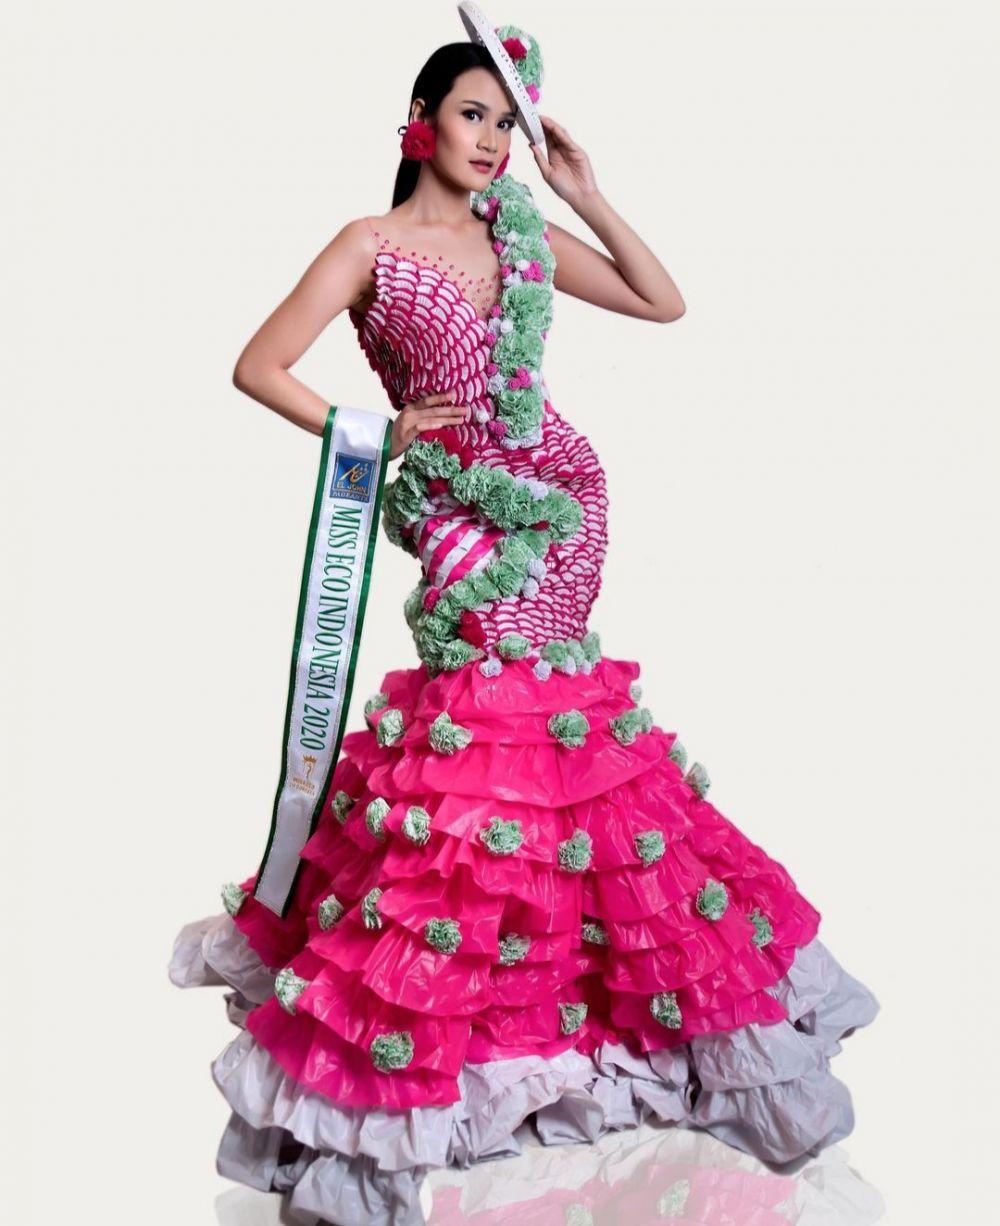 9 Potret Intan Wisni, finalis Miss Eco Internasional yang jadi sorotan © 2021 brilio.net